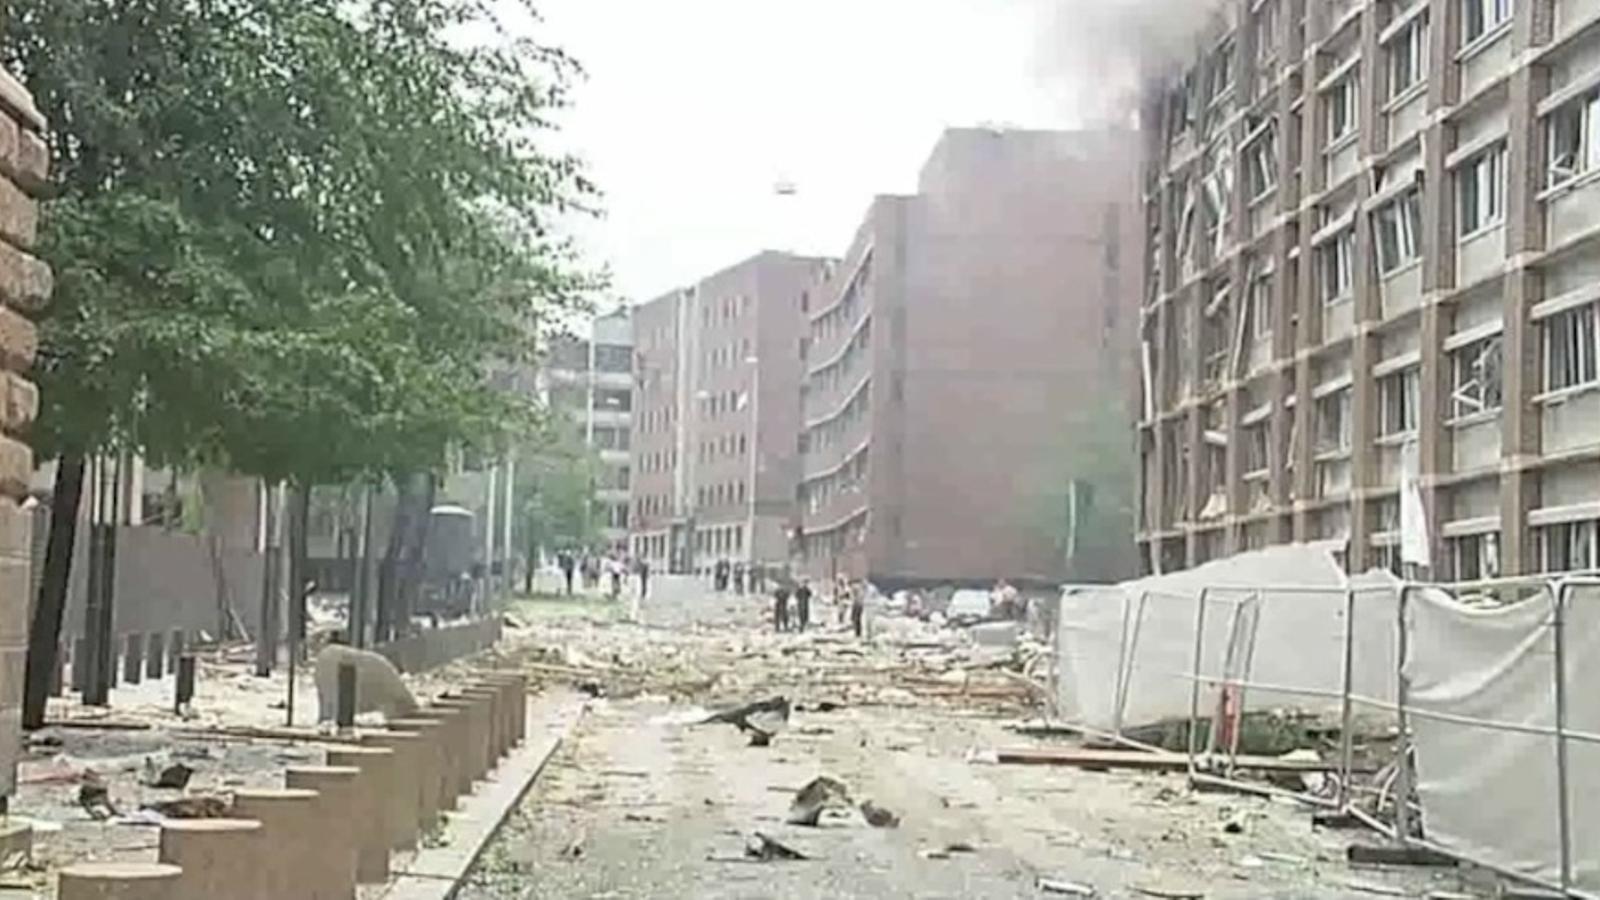 Destrosses i columna de fum a Oslo, després de l'atemptat